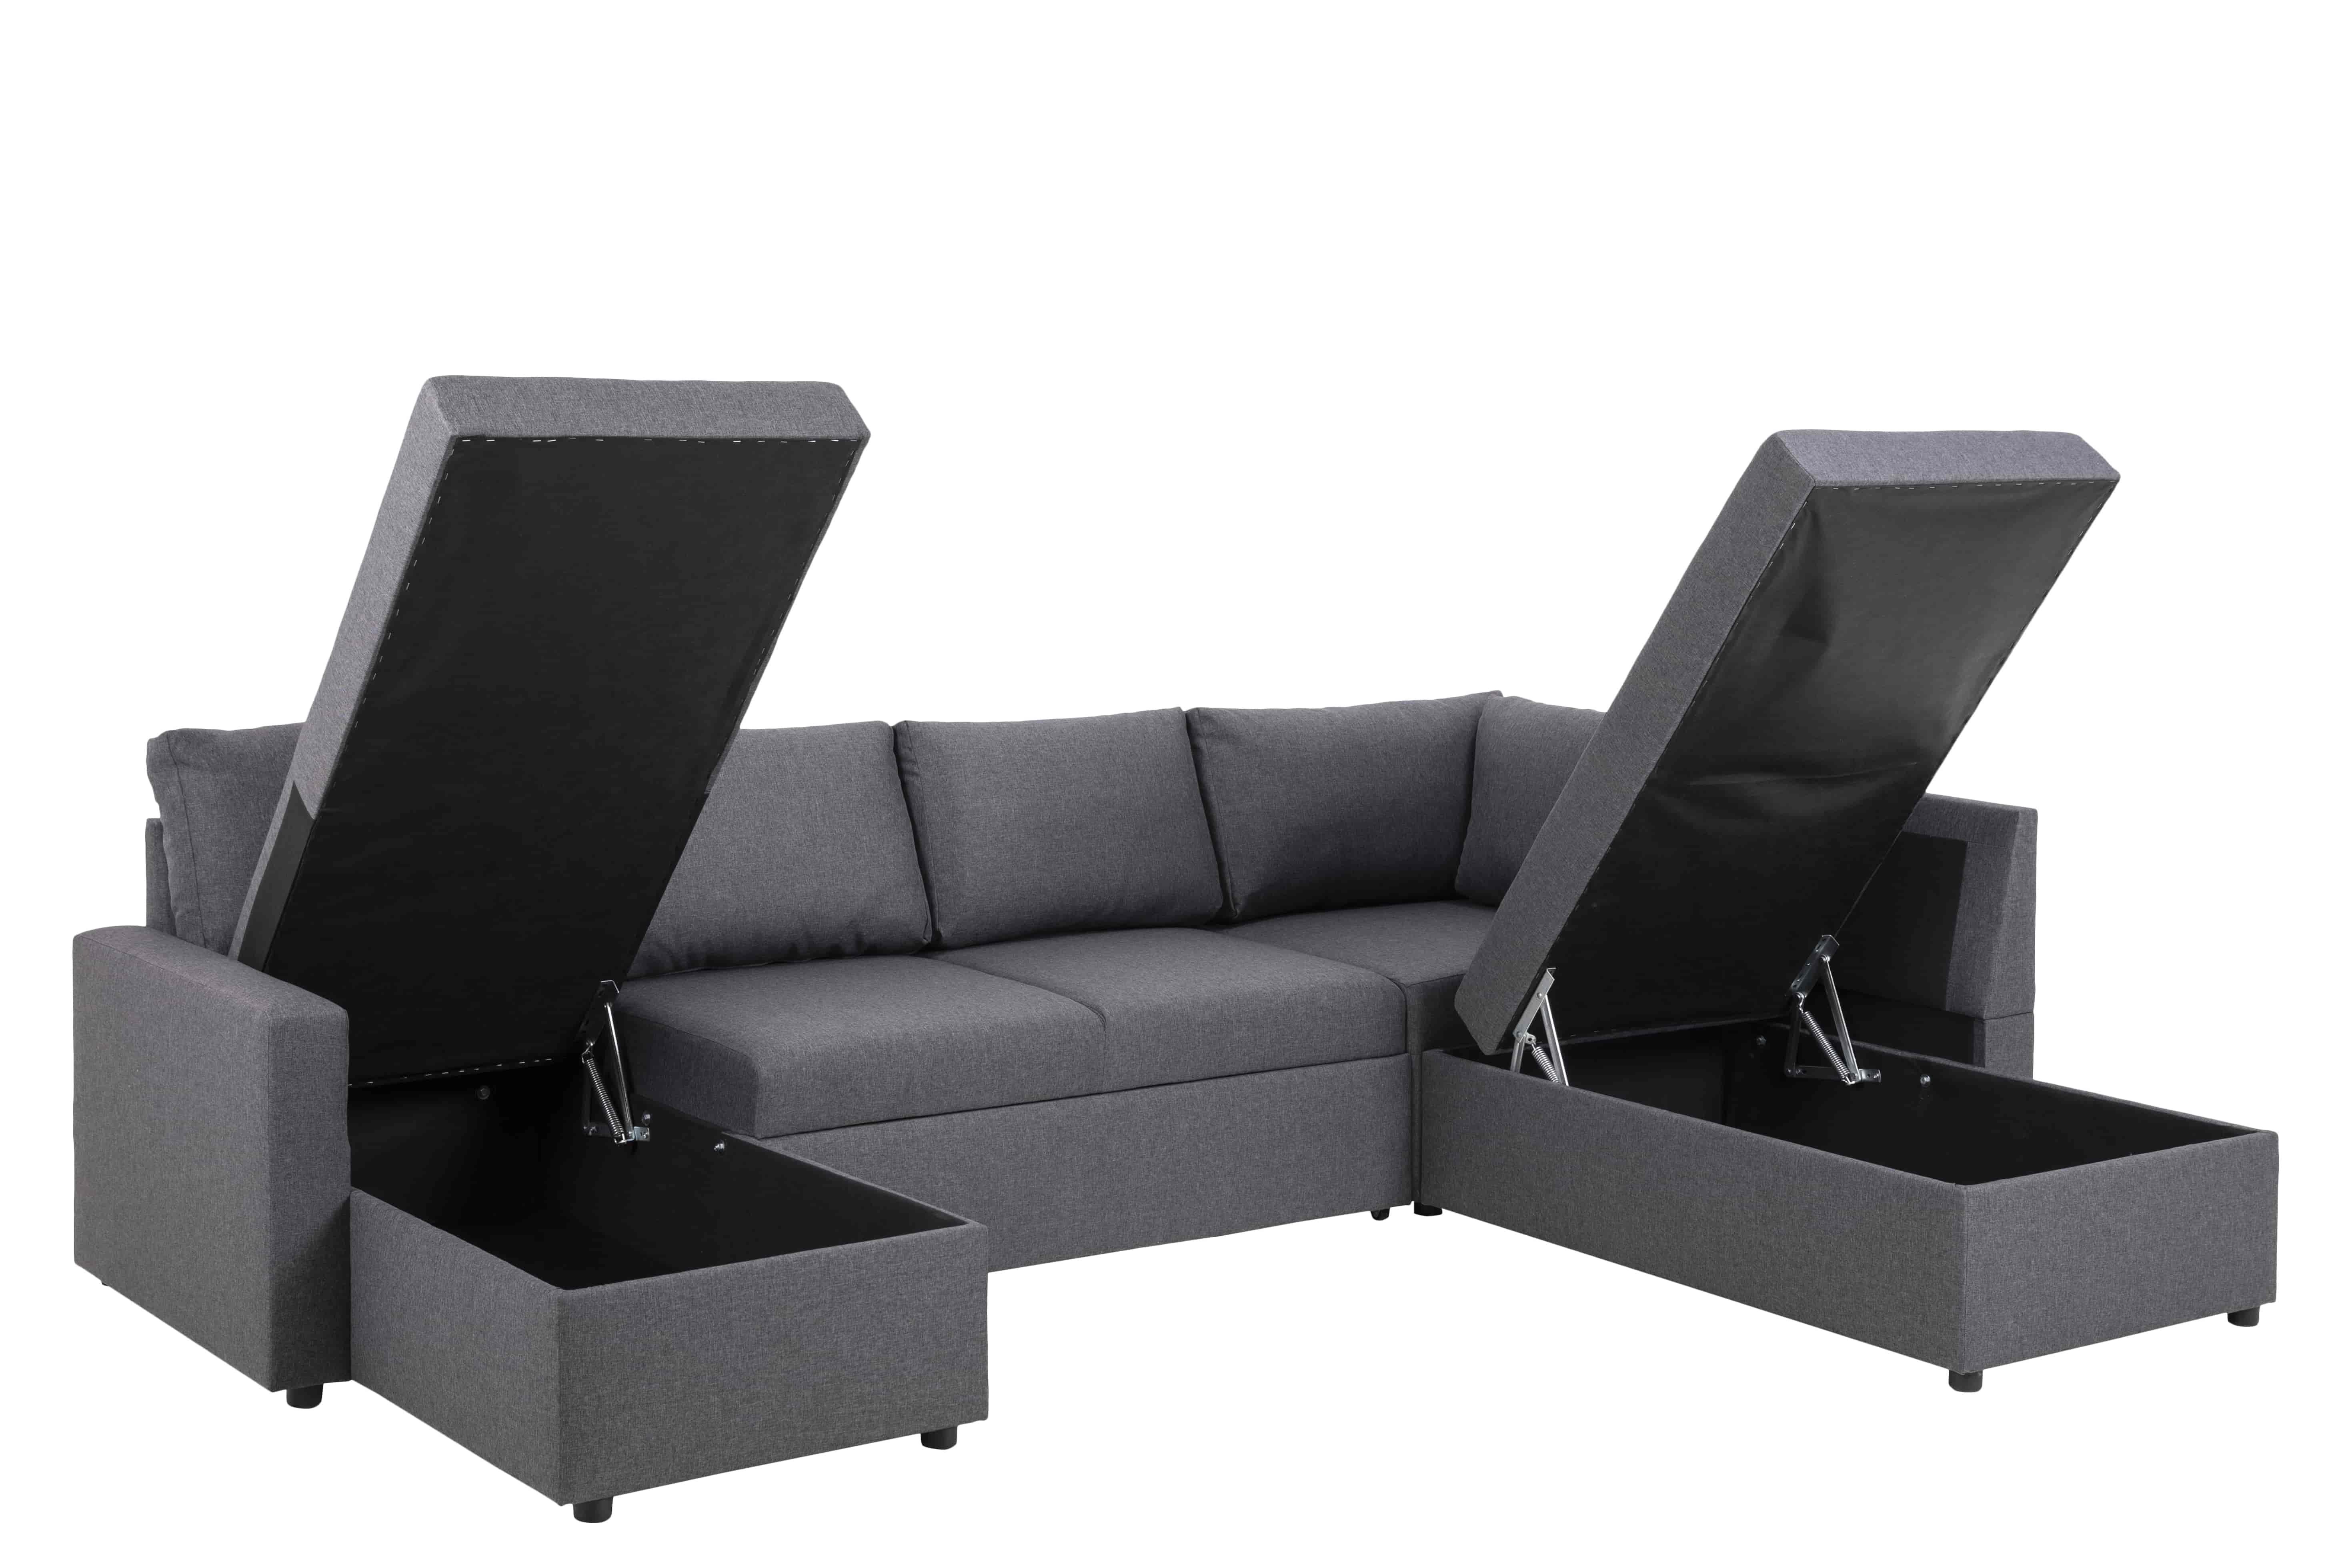 Sacramento hjørnesofa - grå/sort stof/plastik, venstre chaise, højre hvile, m. udtræk og opbevaring